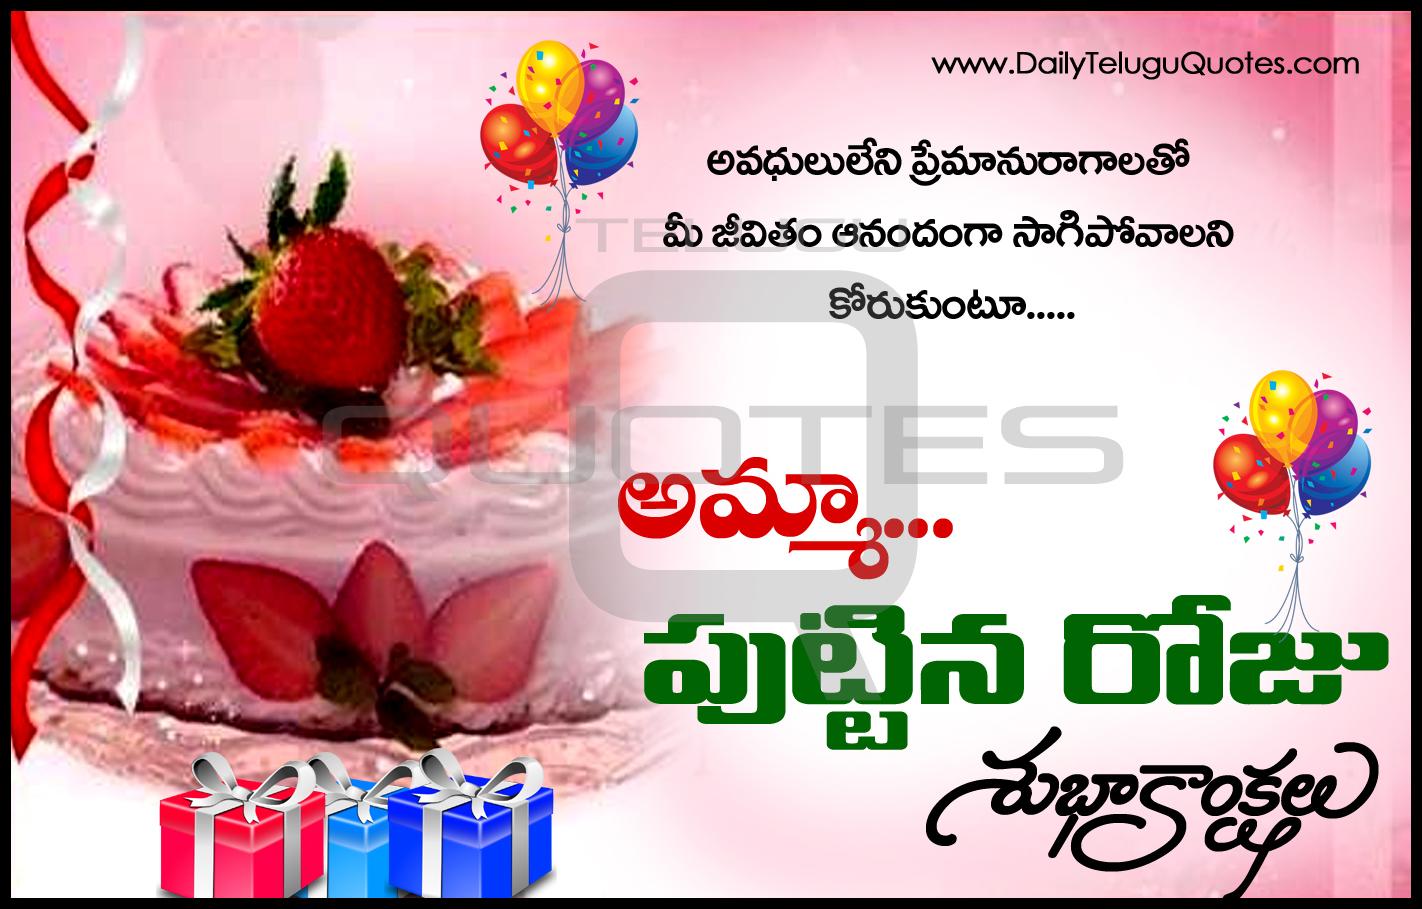 Happy Birthday Wishes In Telugu Amma Telugu Kavithalu Images Telugu Quotes On Mothers Birthday Greetings Images Dailyteluguquotes Com